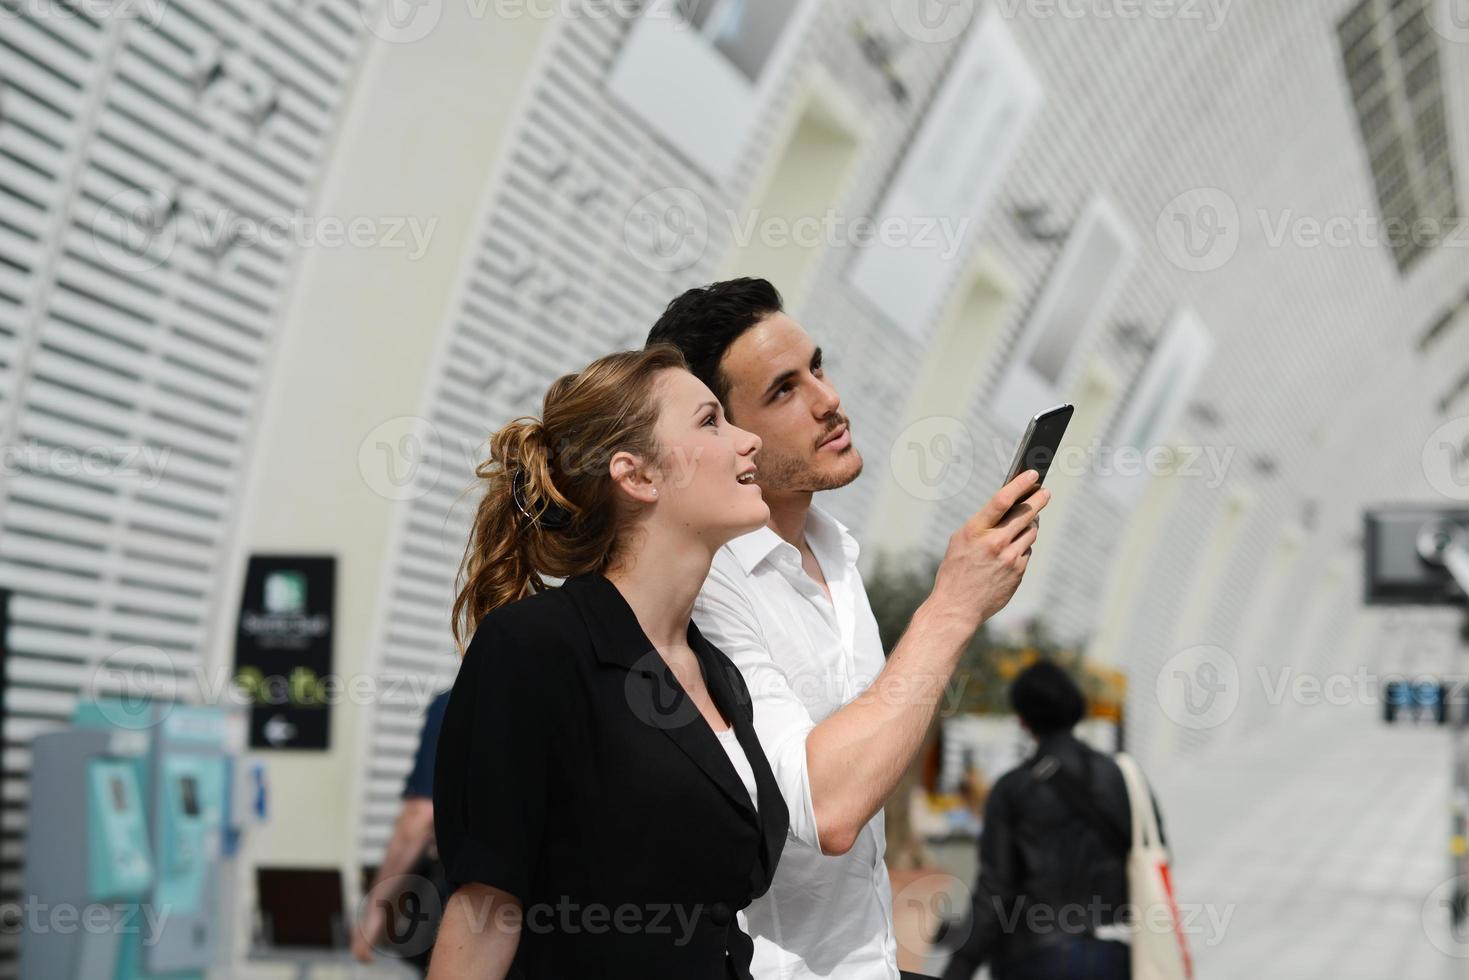 giovani viaggiatori d'affari uomo donna stazione pubblica in cerca di programma foto